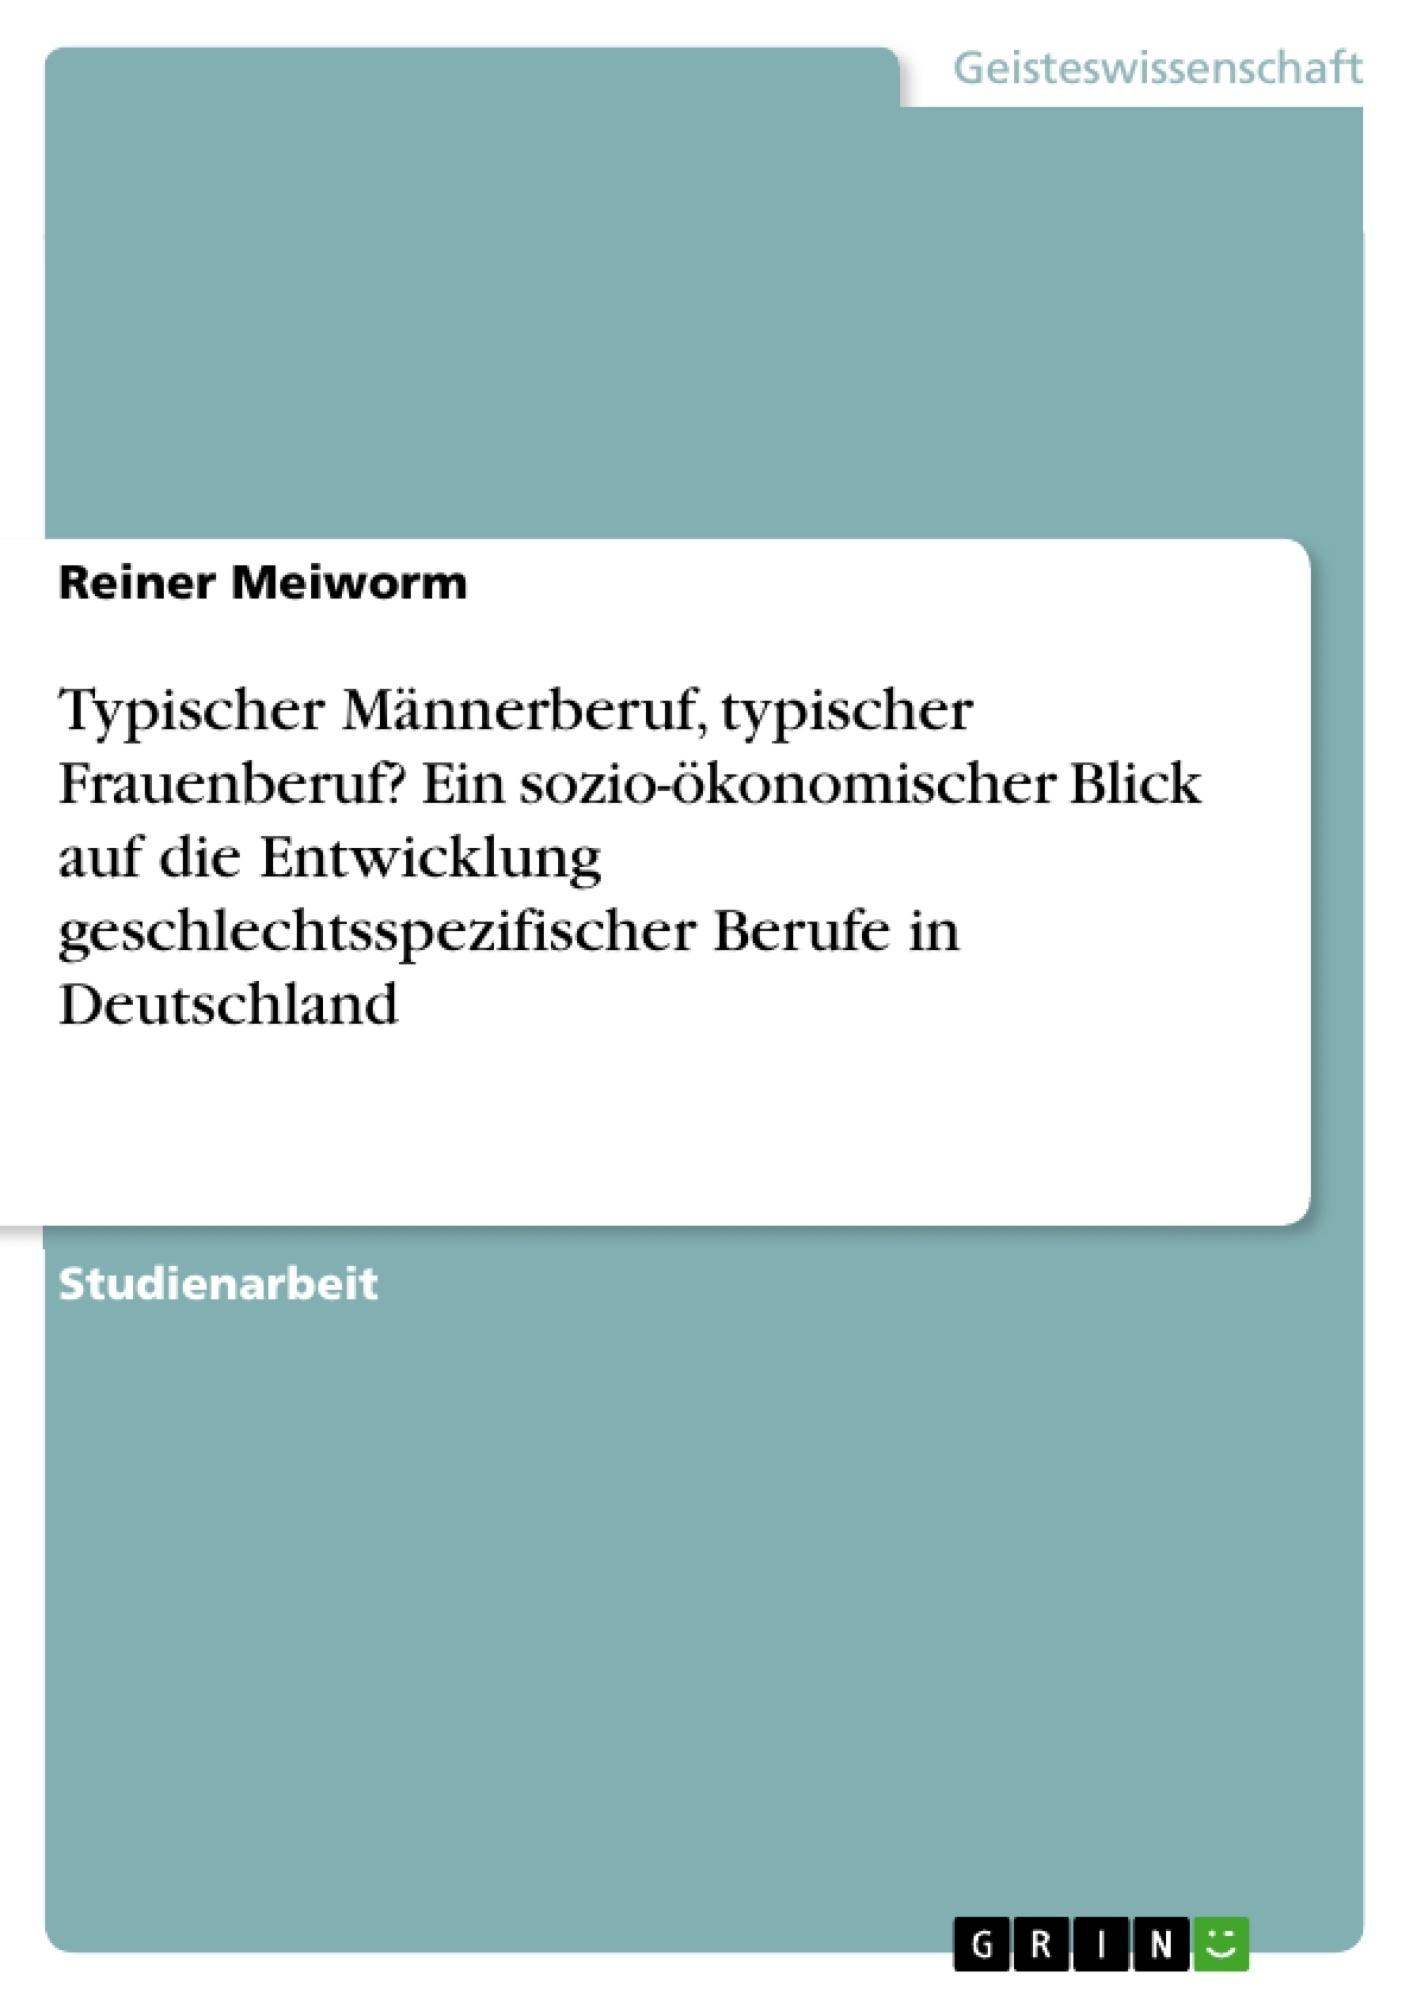 Titel: Typischer Männerberuf, typischer Frauenberuf? Ein sozio-ökonomischer Blick auf die Entwicklung geschlechtsspezifischer Berufe in Deutschland